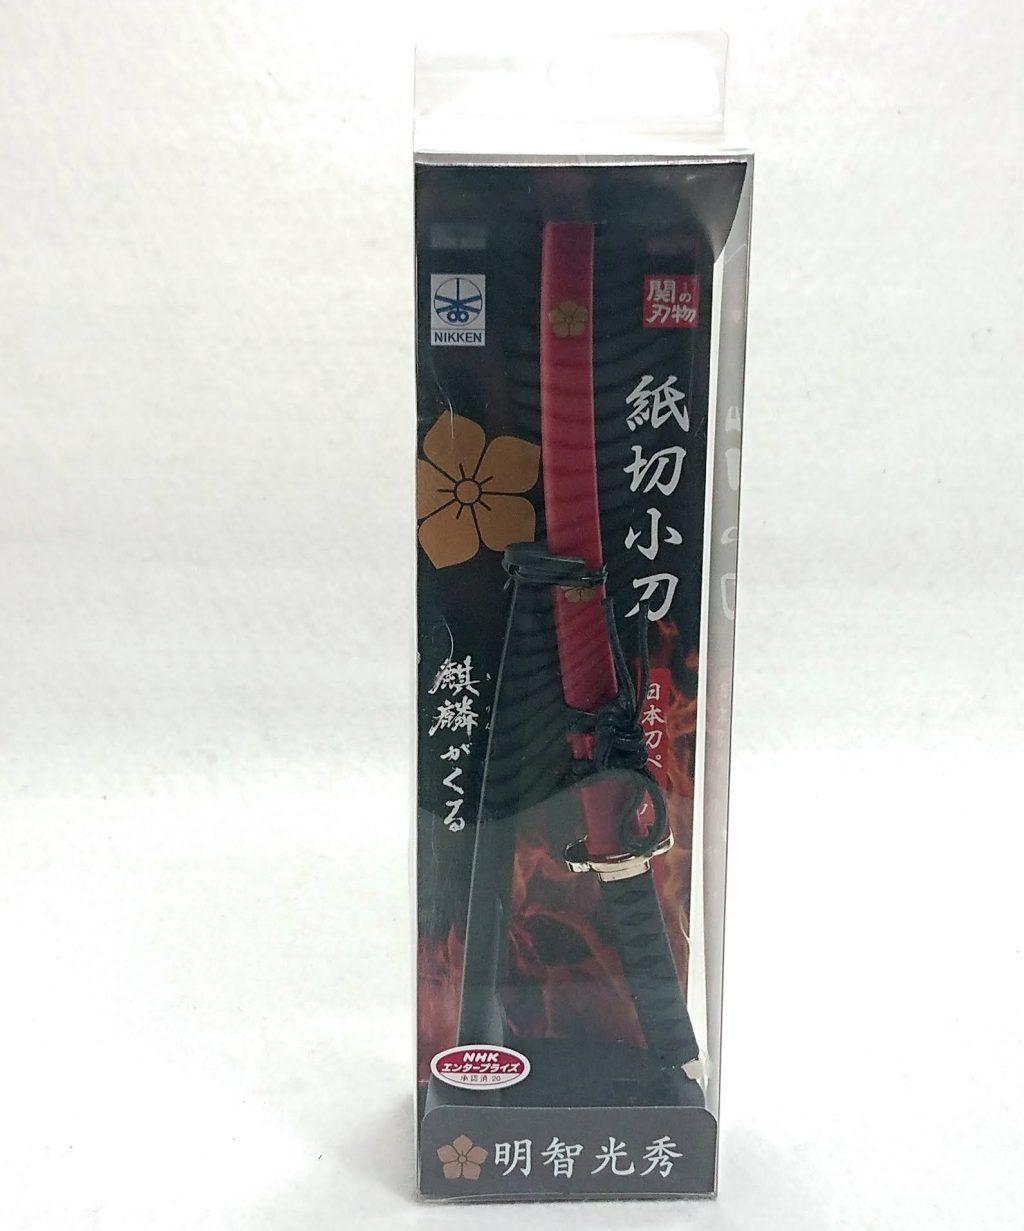 DSC 0001 - 【ニッケン刃物】紙切小刀(ペーパーナイフ) 明智光秀モデルを購入しました!